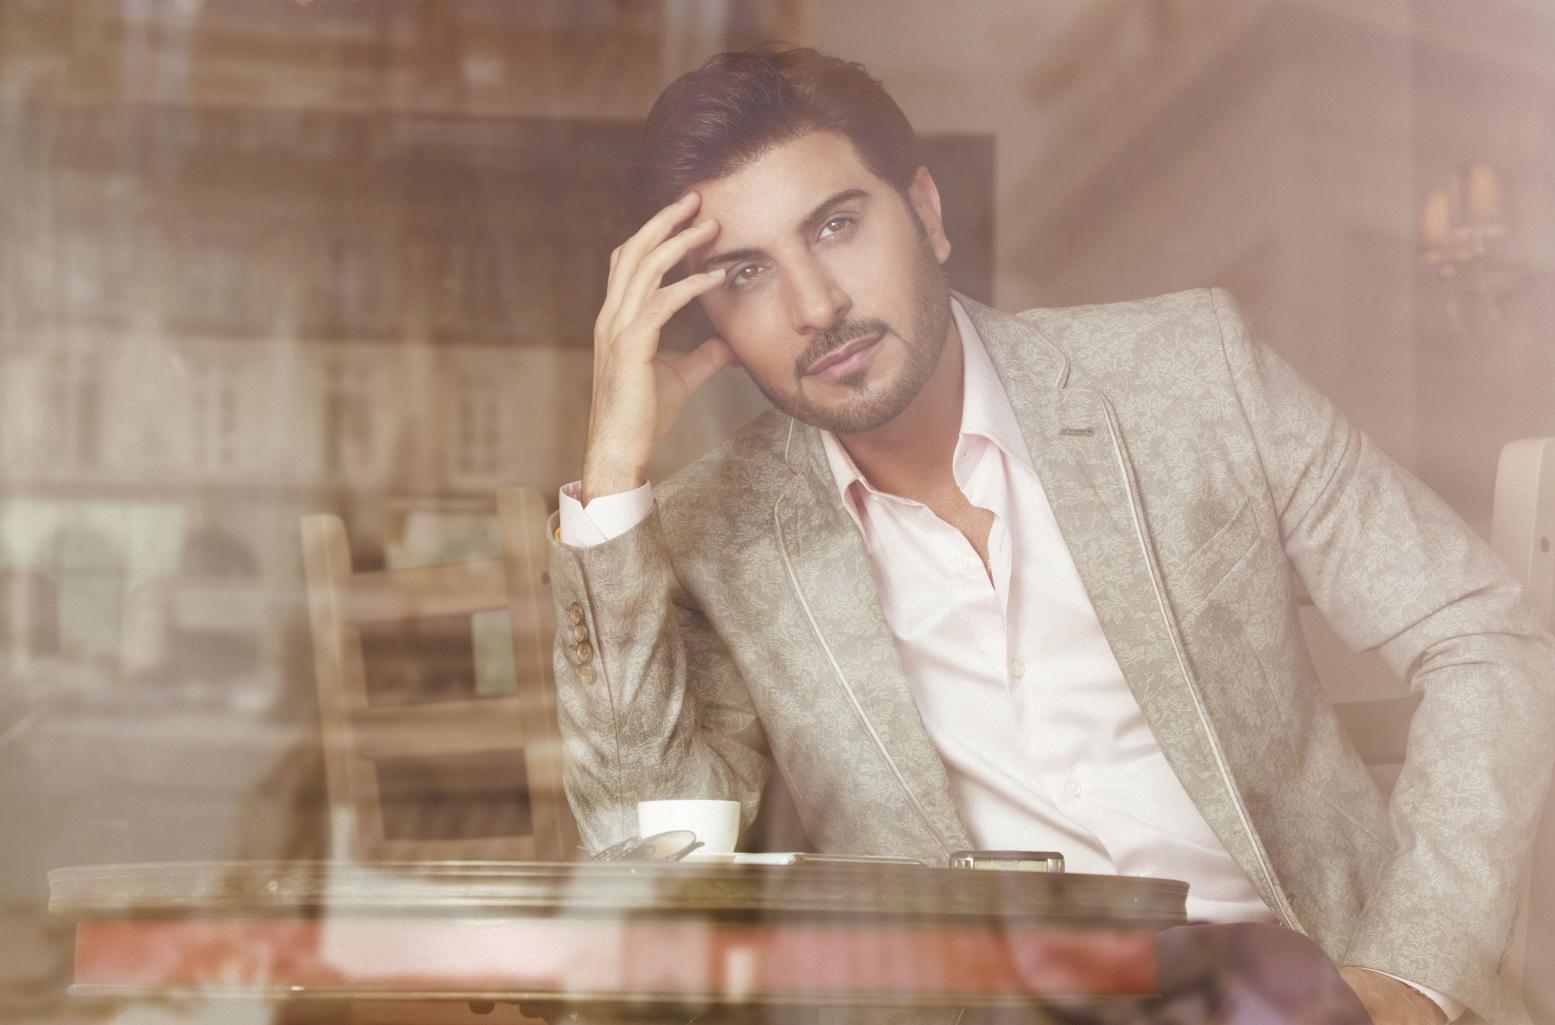 صورة ماجد المهندس يطلق أغنية  والله ما  يرمش بالتعاون مع الامير بدر بن محمد